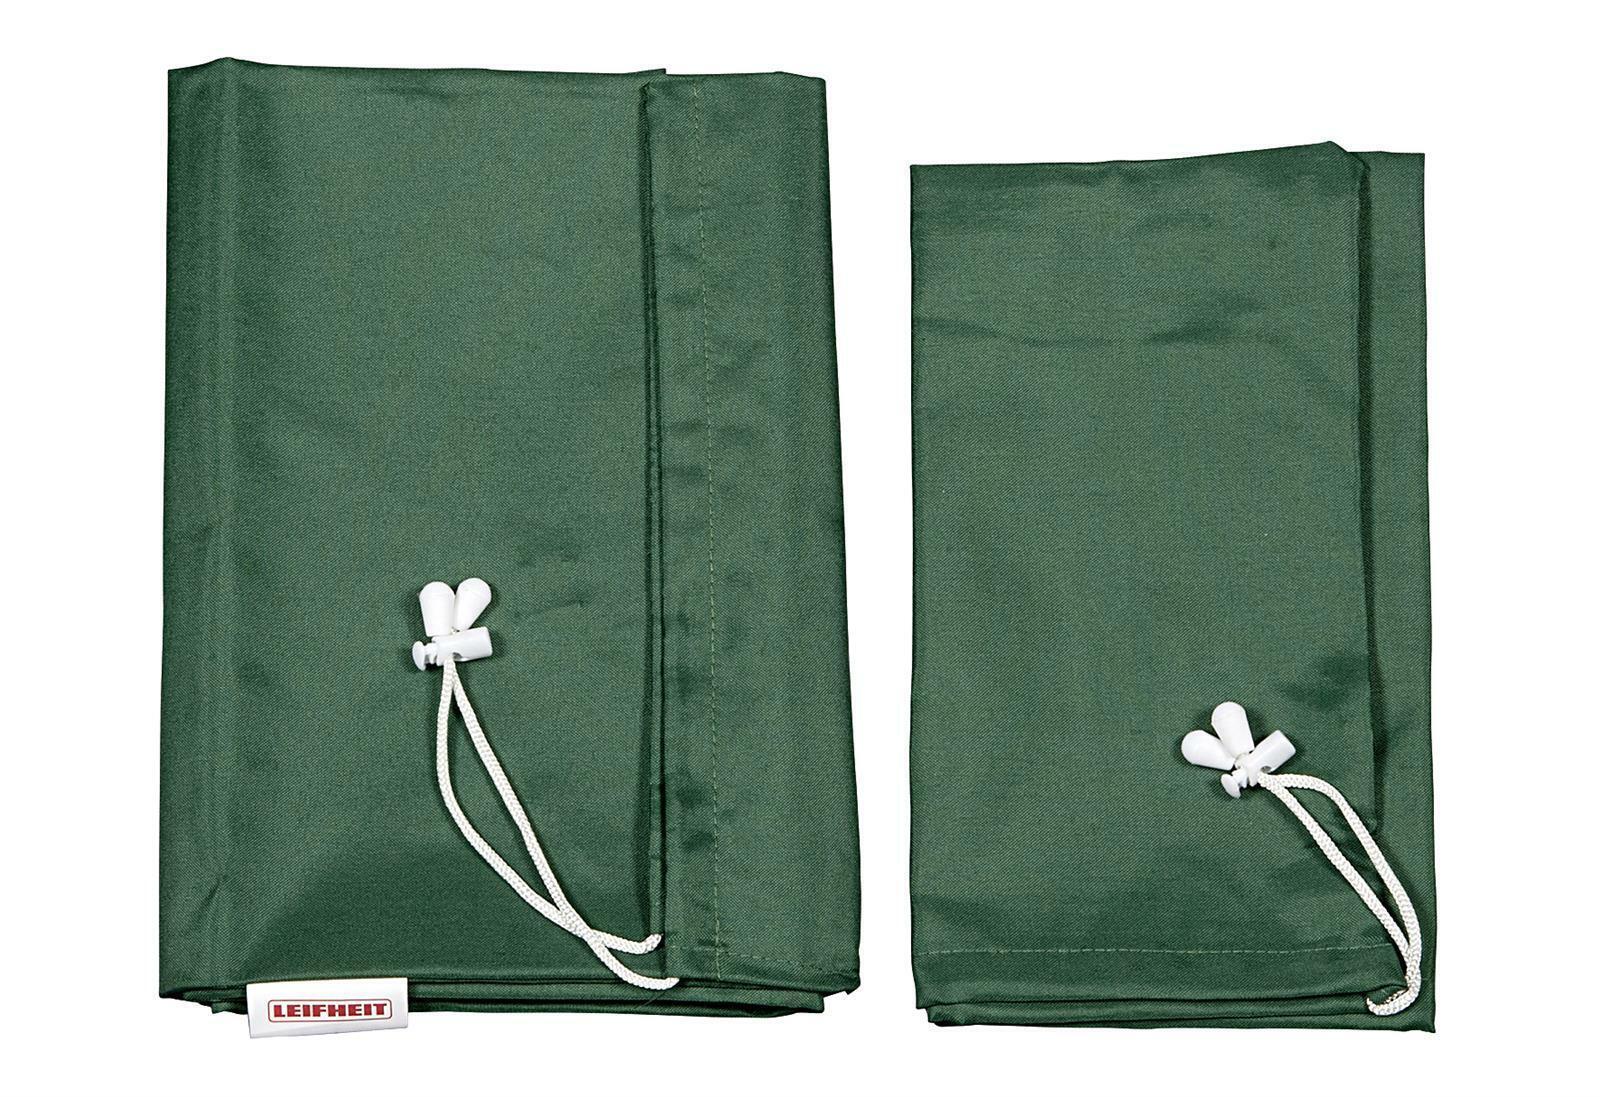 Leifheit Schutzhülle für Limomatic Wäschespinnen 199cm Wäsche Waschen Garten